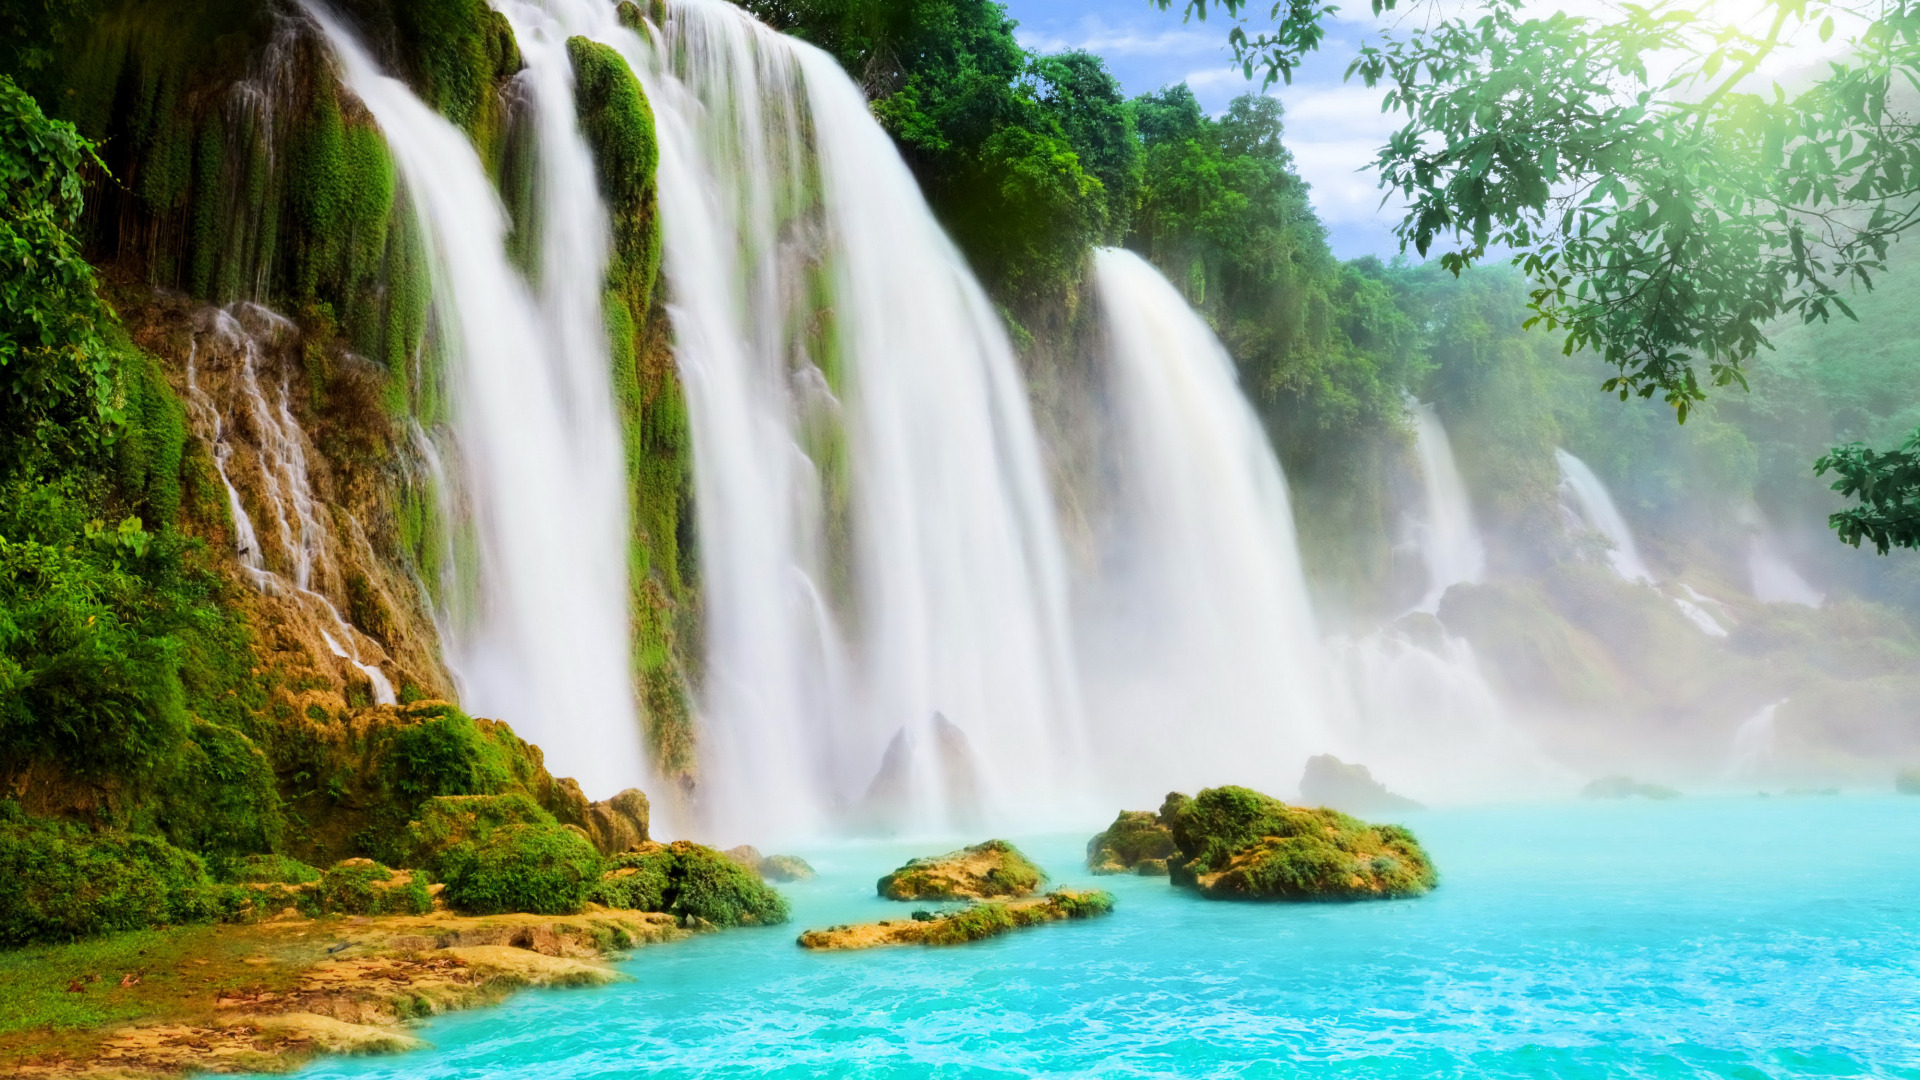 природа водопад деревья радуга  № 70442 загрузить